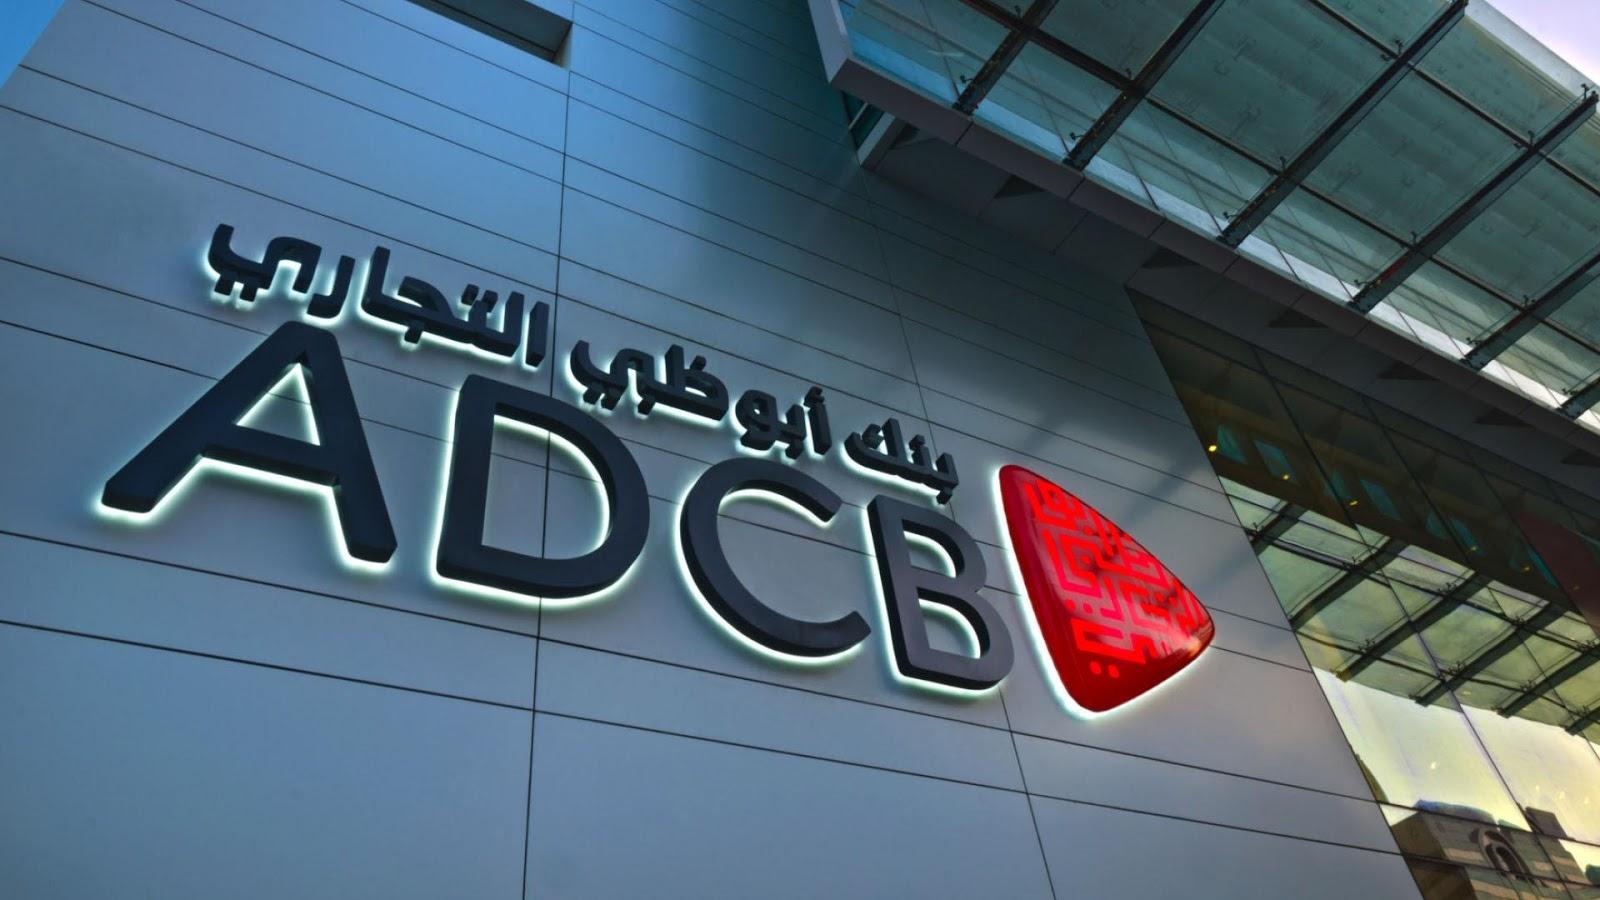 وظائف خالية فى بنك أبوظبي بالامارات العربية المتحدة 2018